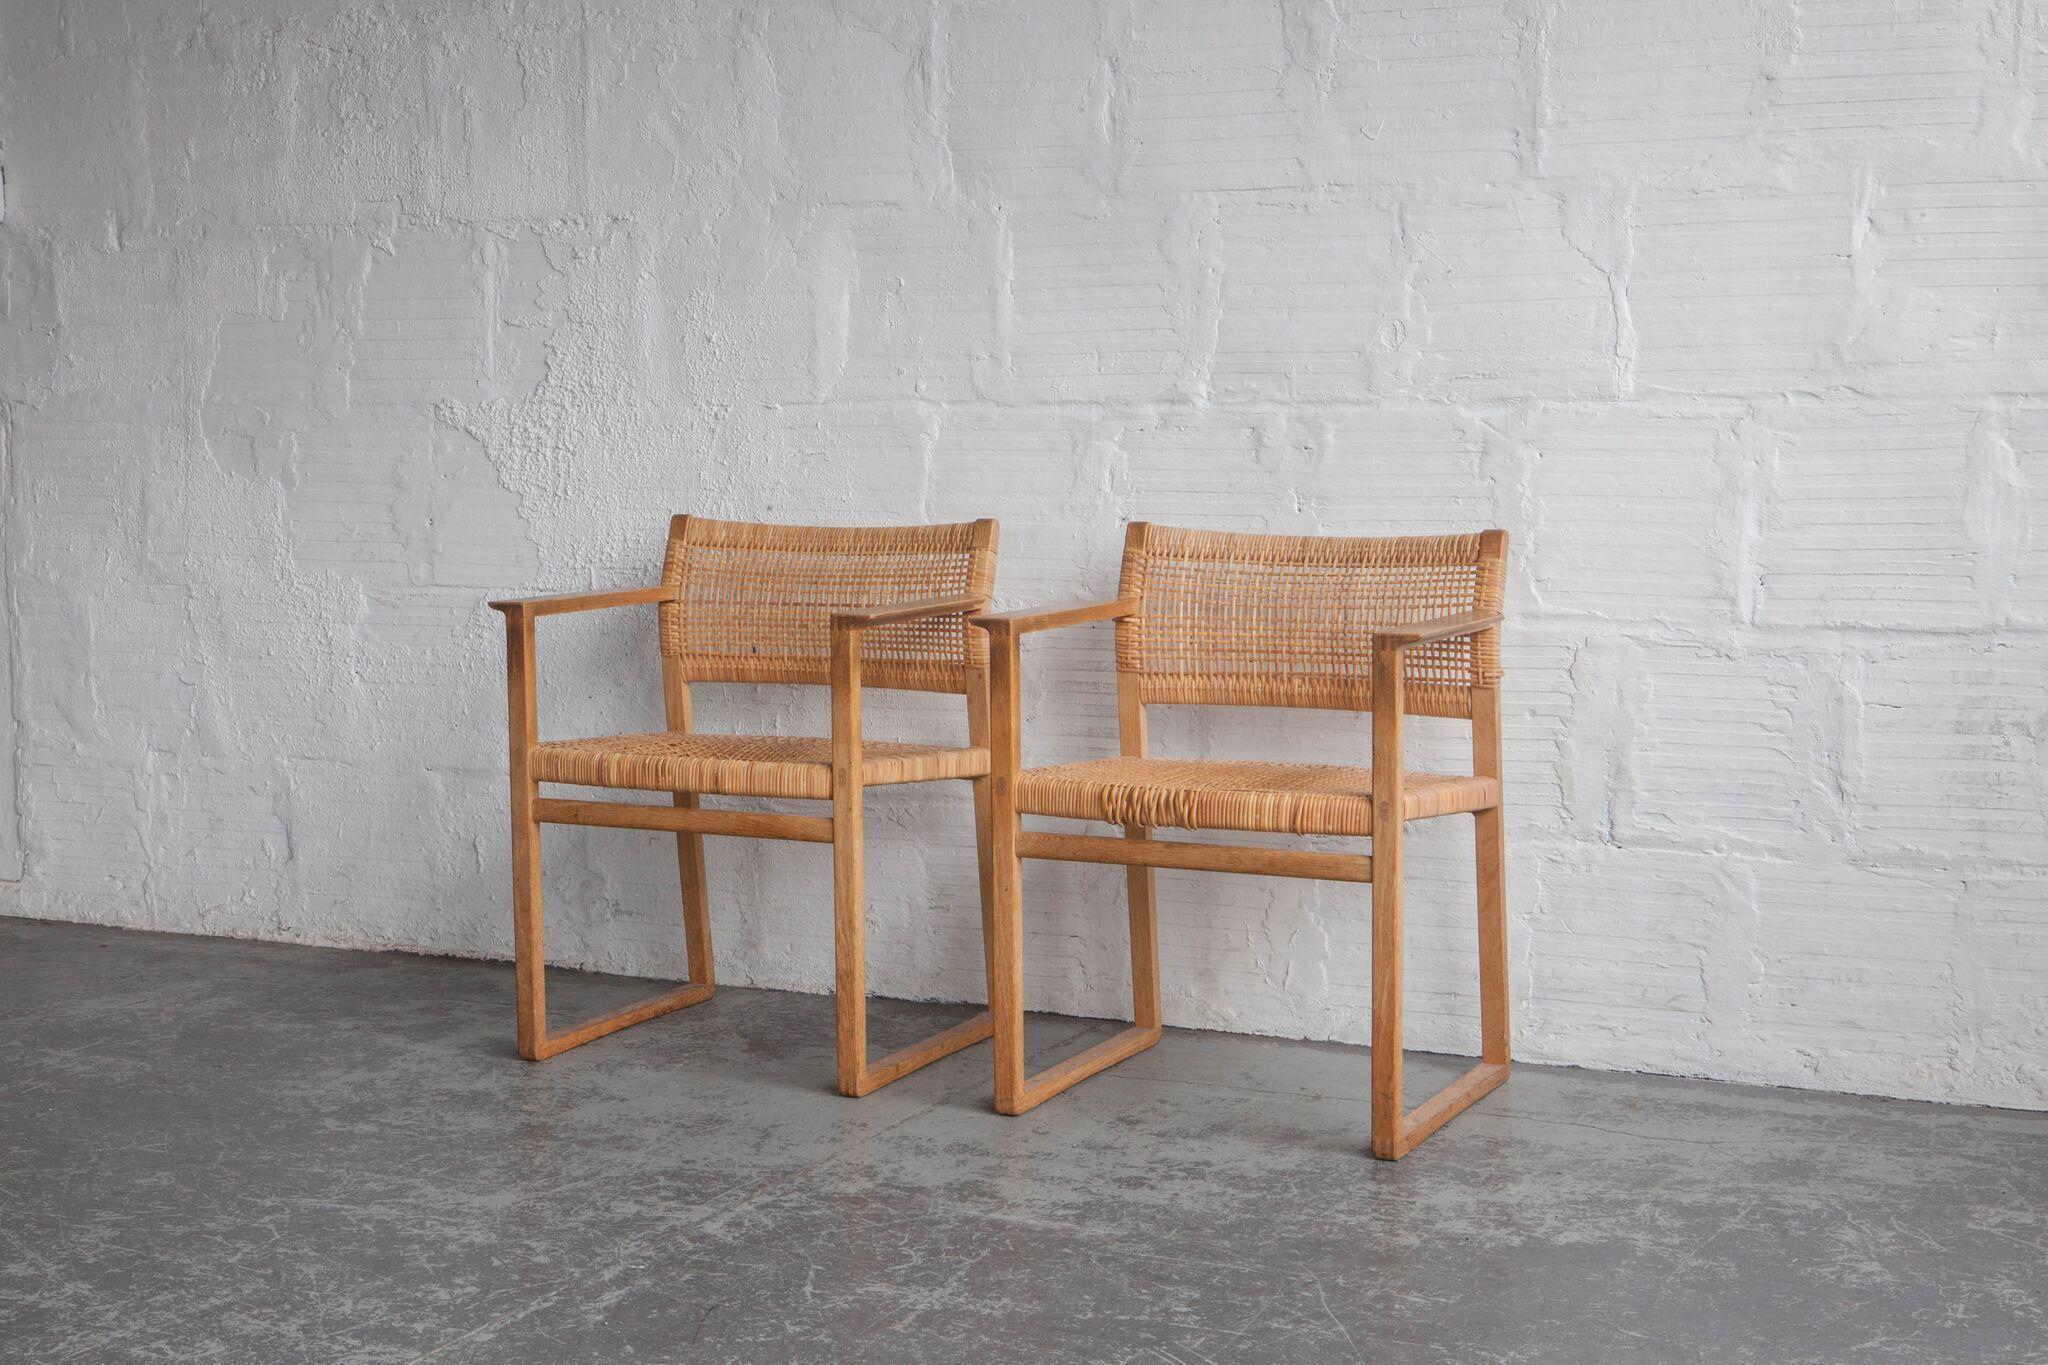 Borge Mogensen Bm62 Oak Rattan Chair Rattanchair Rattan Chair